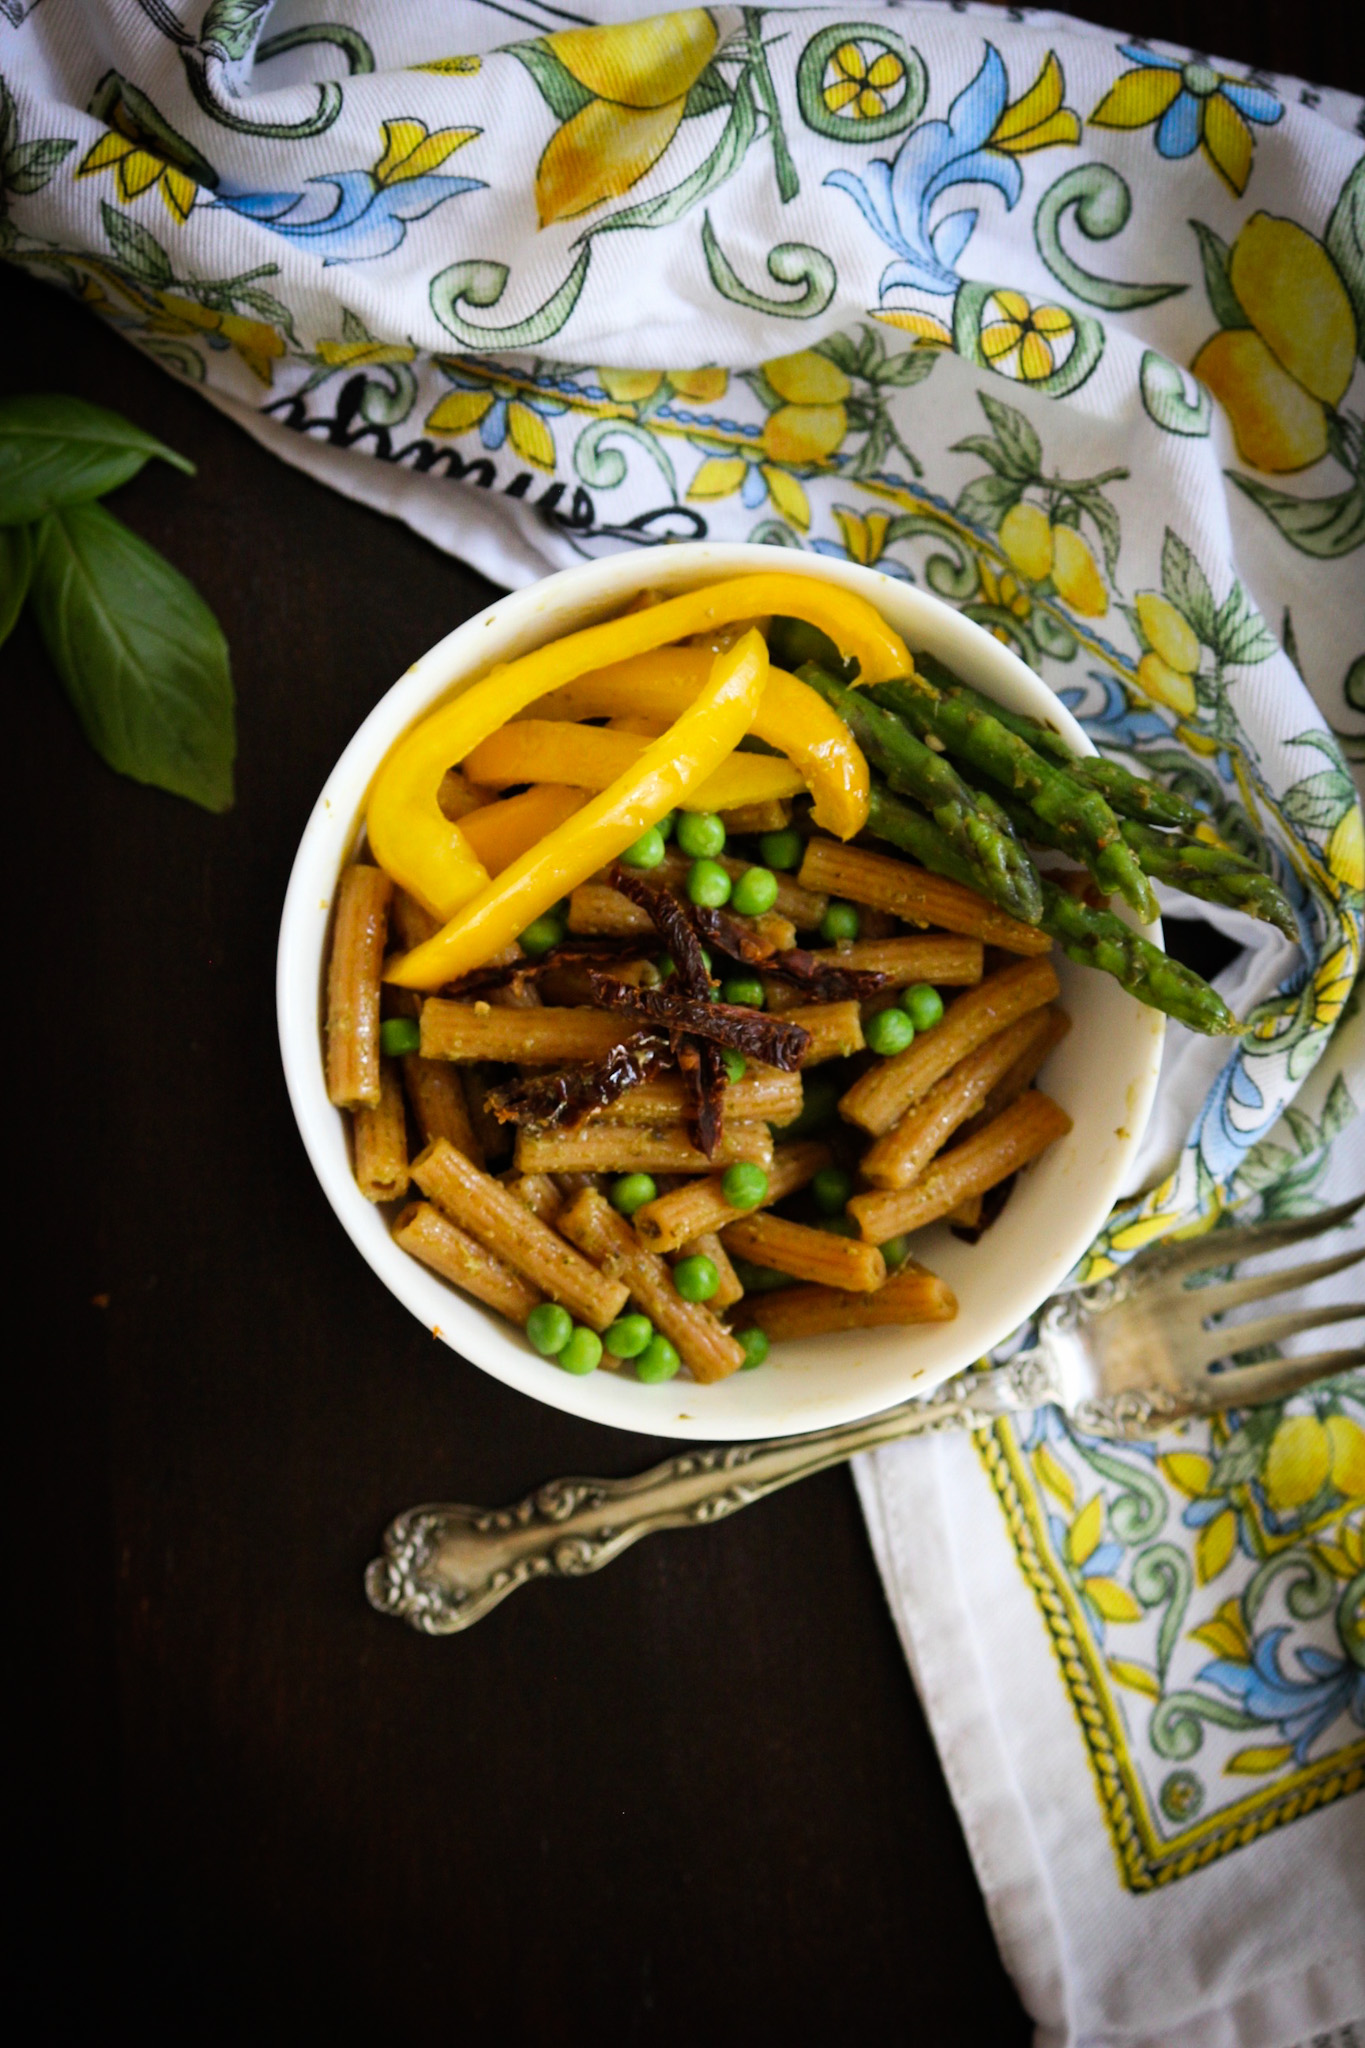 Salada de macarrão vegetariano - crianças de junk food 9